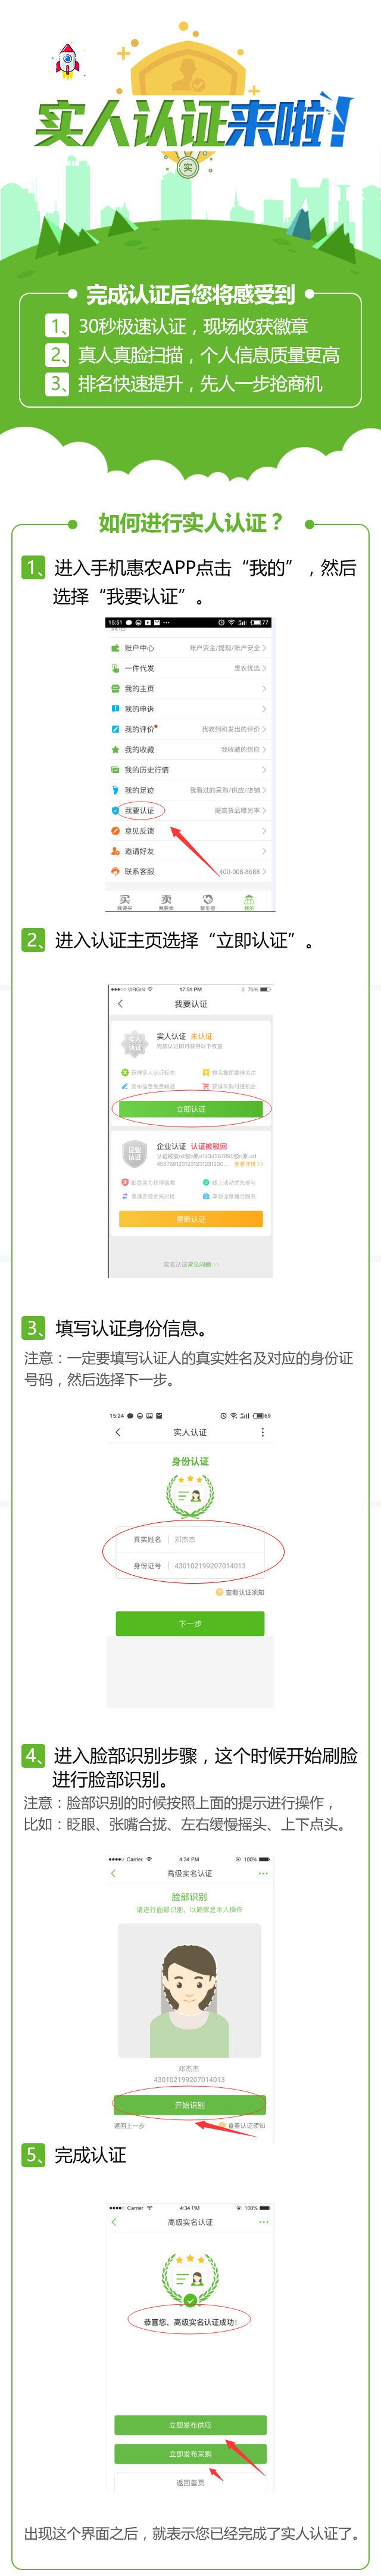 """龙8国际官网网页版网实名认证全面升级为""""实人认证"""